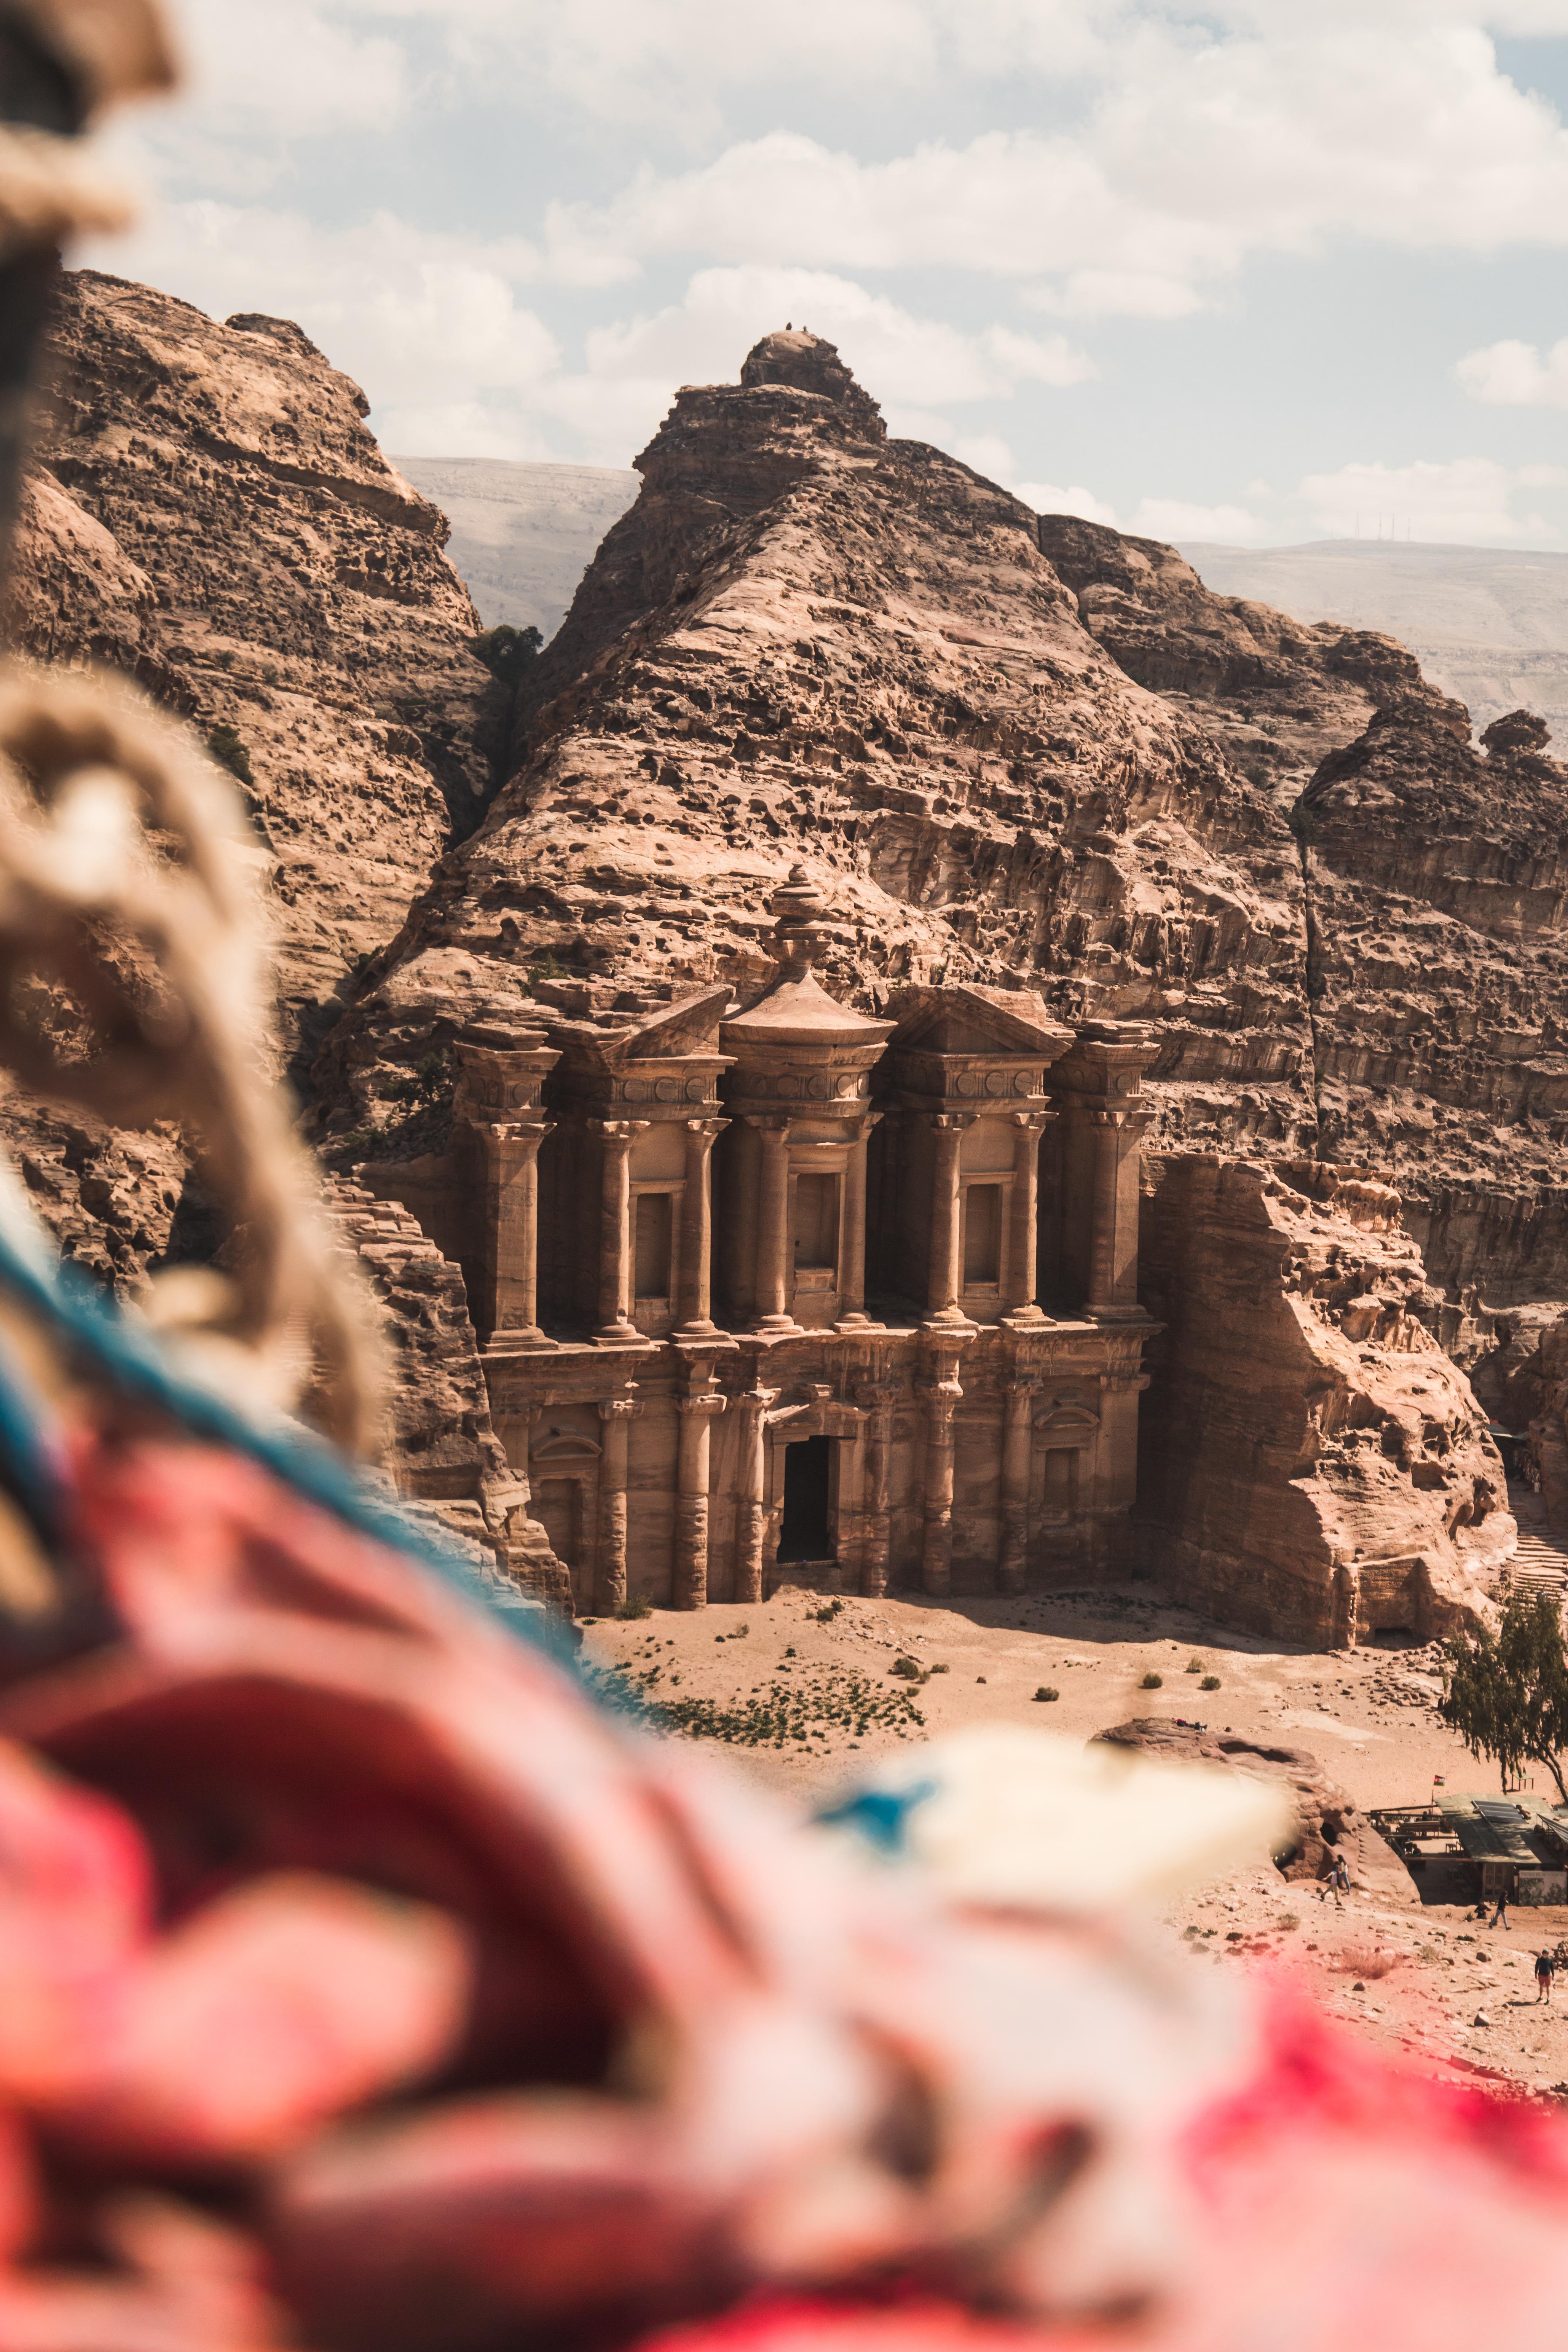 Pétra - Préparer son road trip en Jordanie